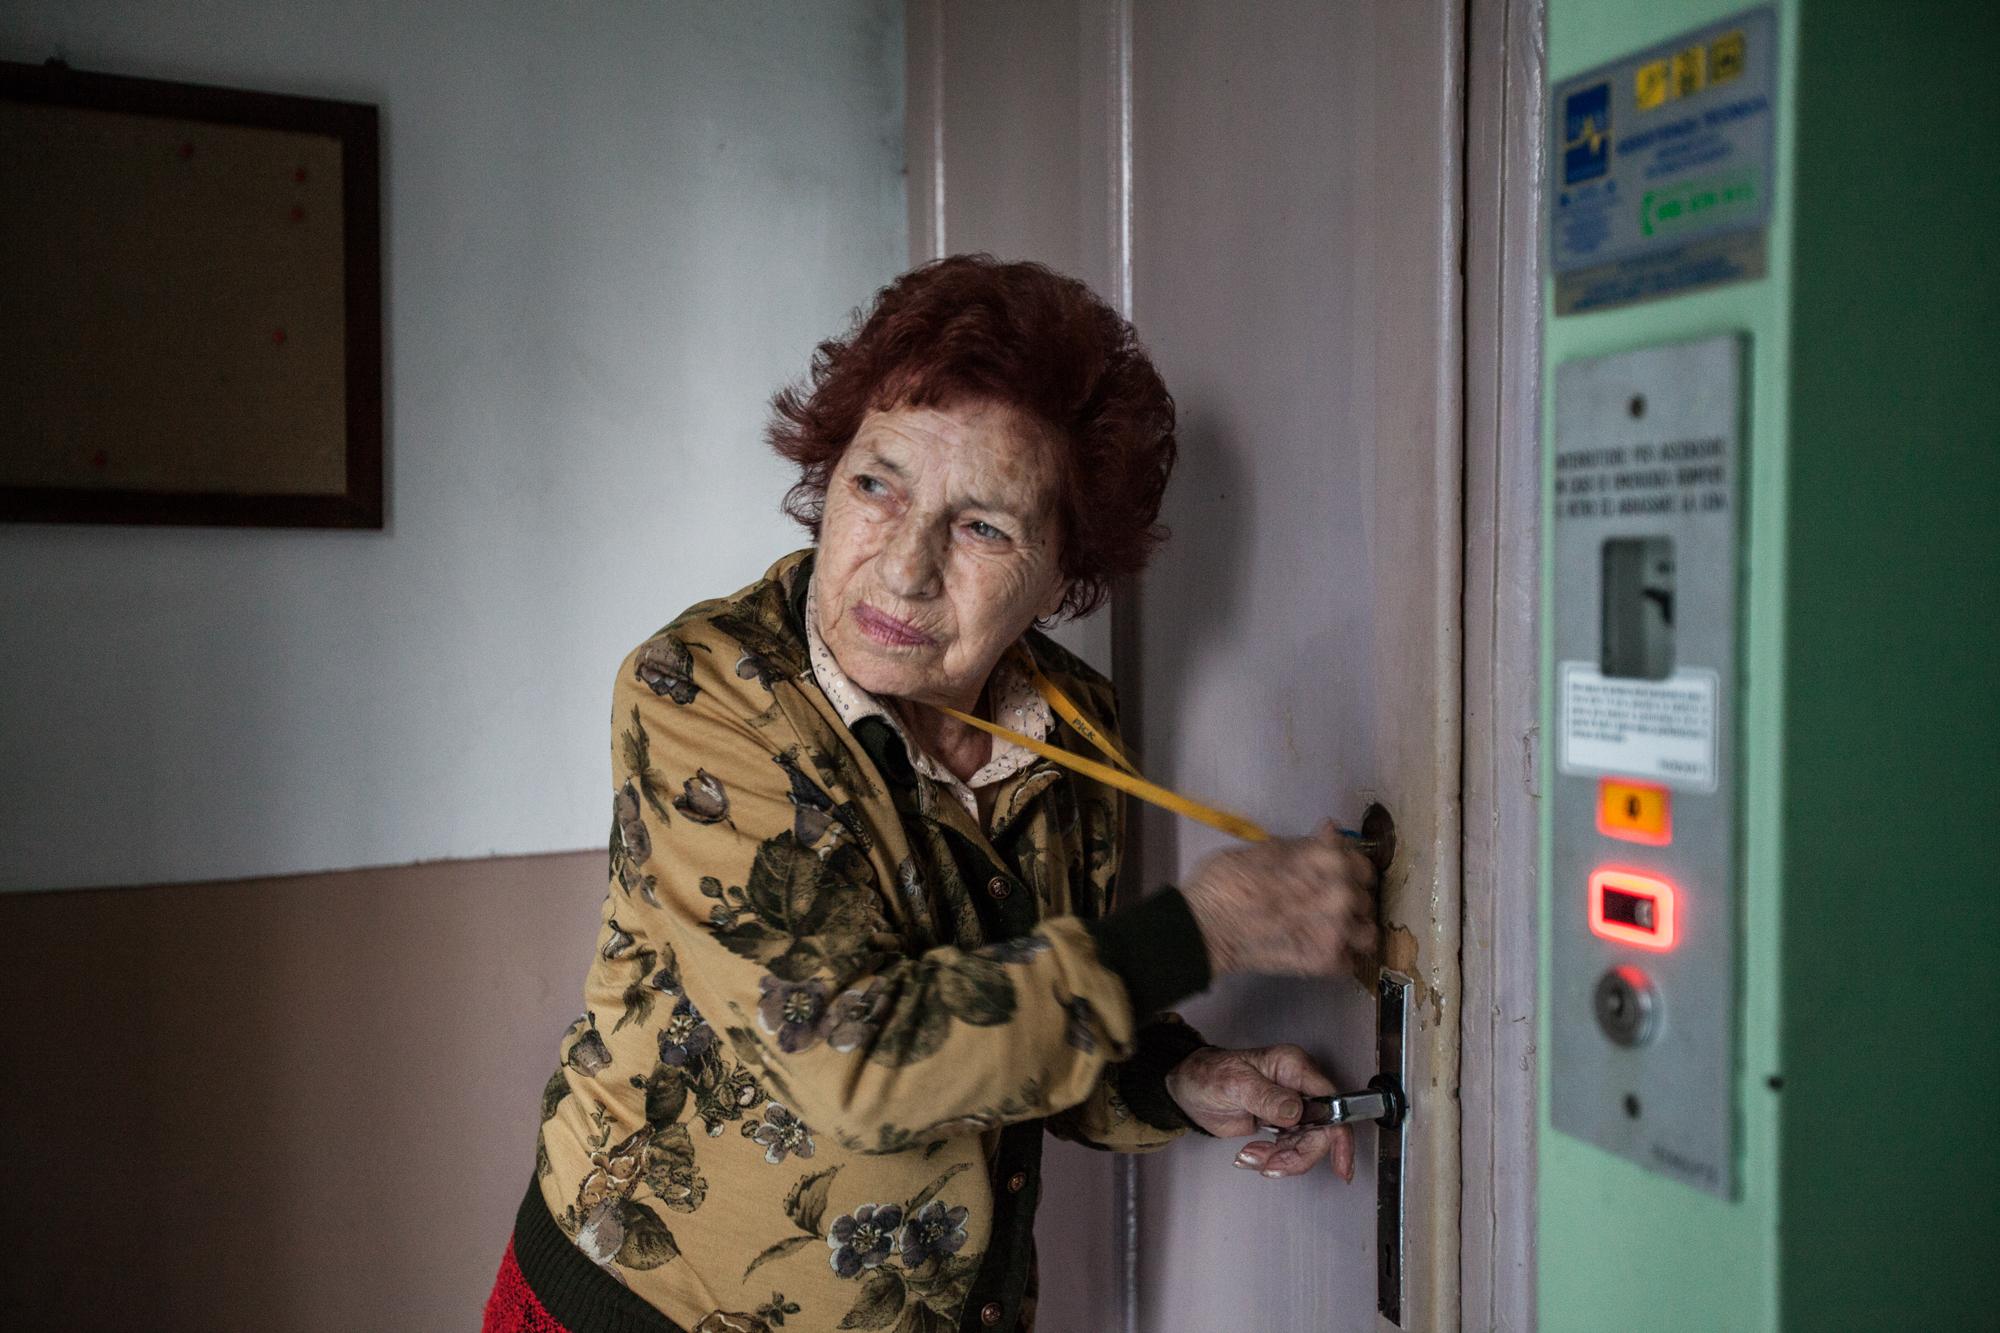 Margherita Bertolotti, 85 anni. Per più di vent'anni ha lavorato alla Caffaro nel reparto di smistamento dello zolfo. Anche suo figlio ha lavorato parecchi anni nella stessa azienda. Oggi vive sola nella casa assegnatagli anni fa nel complesso di case popolari di proprietà dell'azienda. Suo marito è morto di tumore all'eta di 39 anni. Brescia / Italia. Ottobre 2013